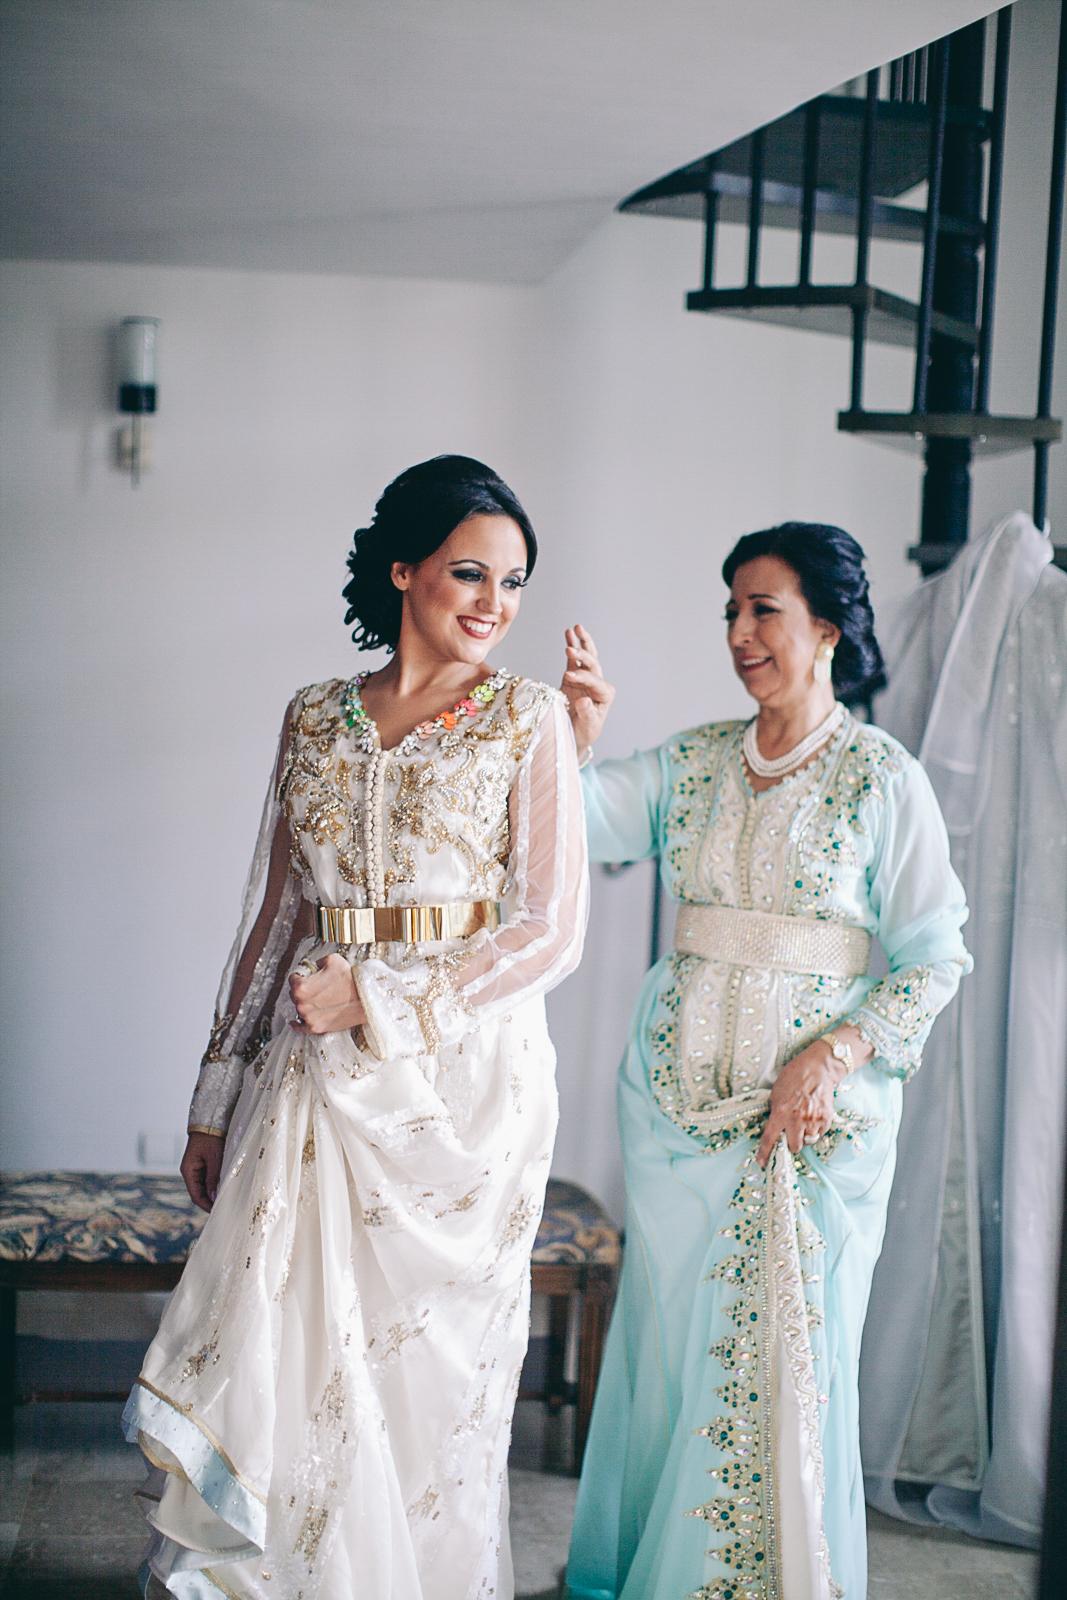 traditional_moroccan_wedding_photographry_casablanca_morocco_houda_vivek_ebony_siovhan_bokeh_photography_030.jpg